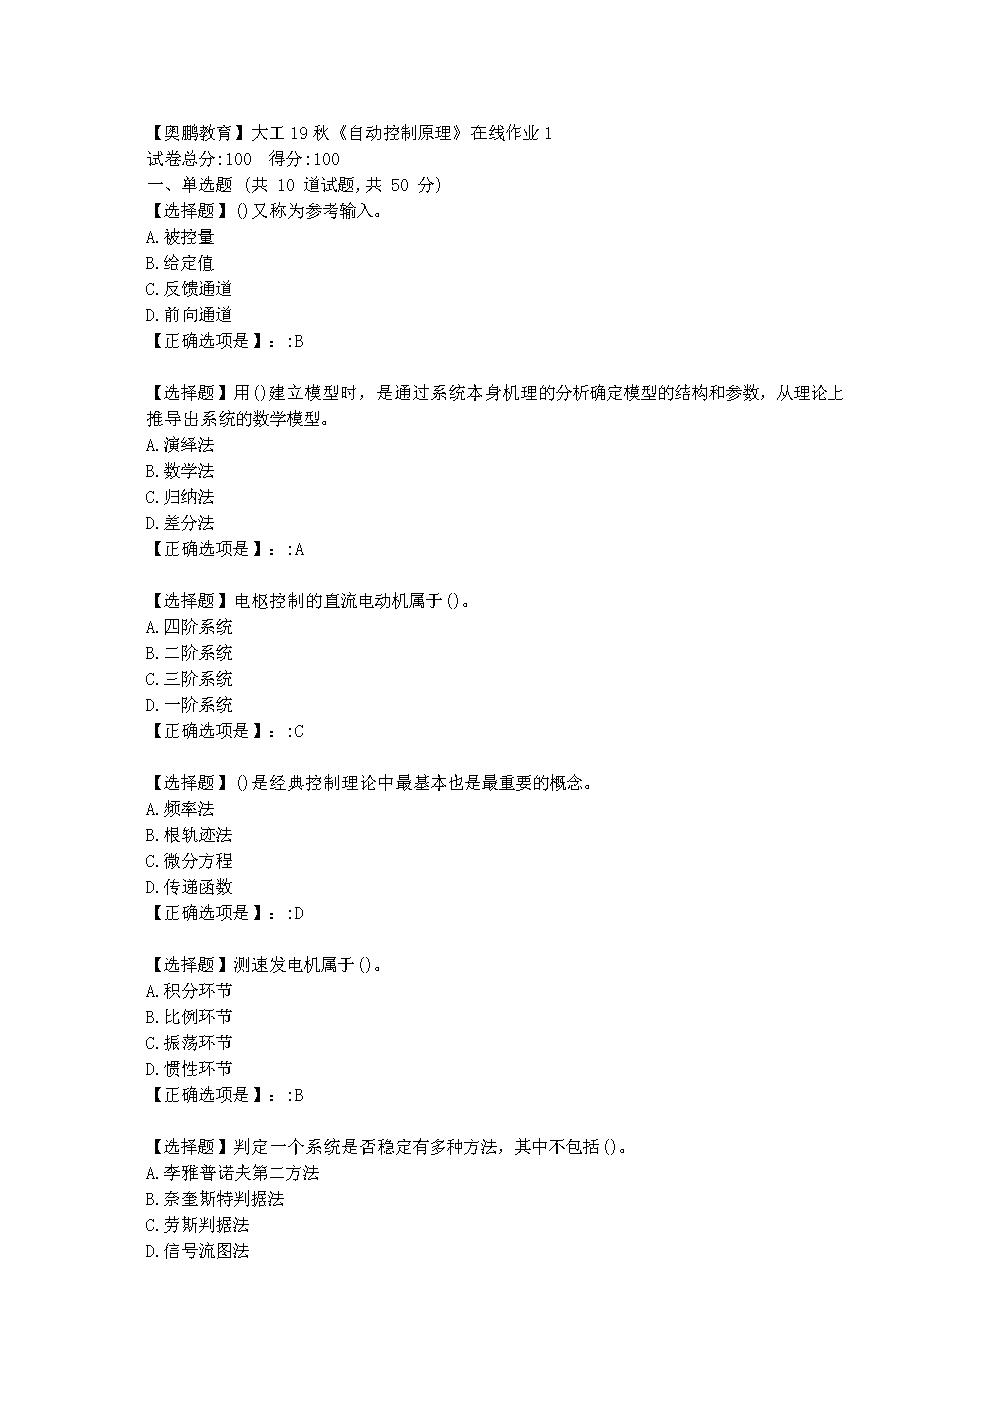 大连理工大学19秋《自动控制原理》在线作业1学习资料.doc